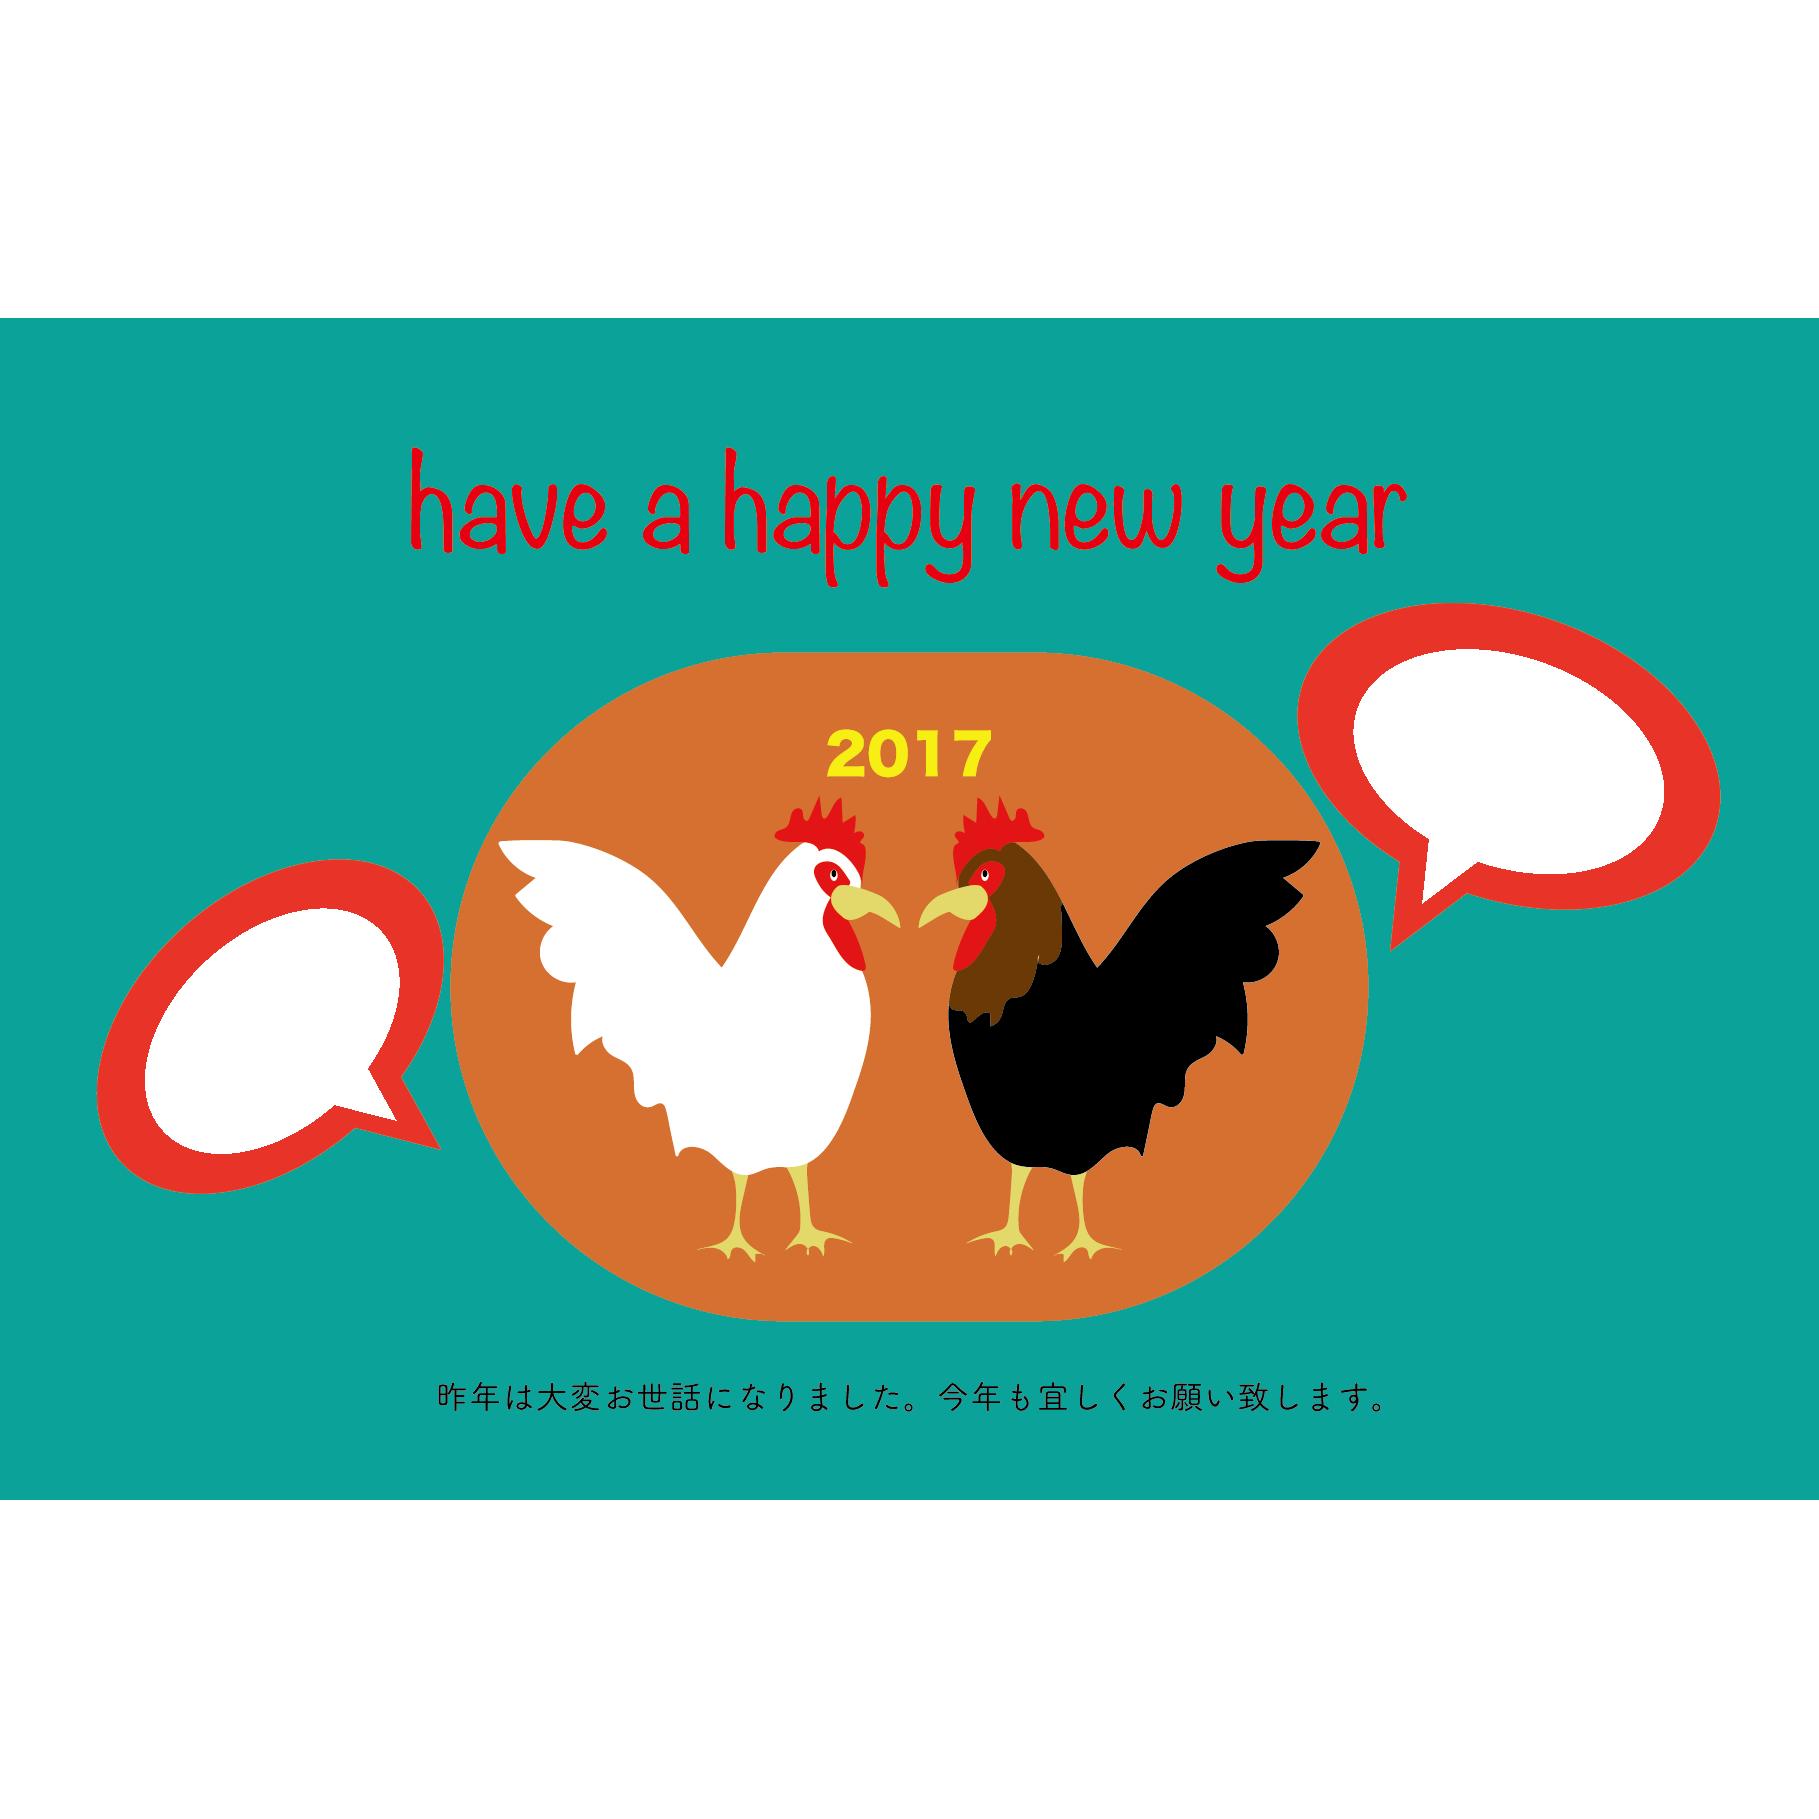 酉年写真フレーム付き 鶏鳥にわとりニワトリの年賀状イラスト